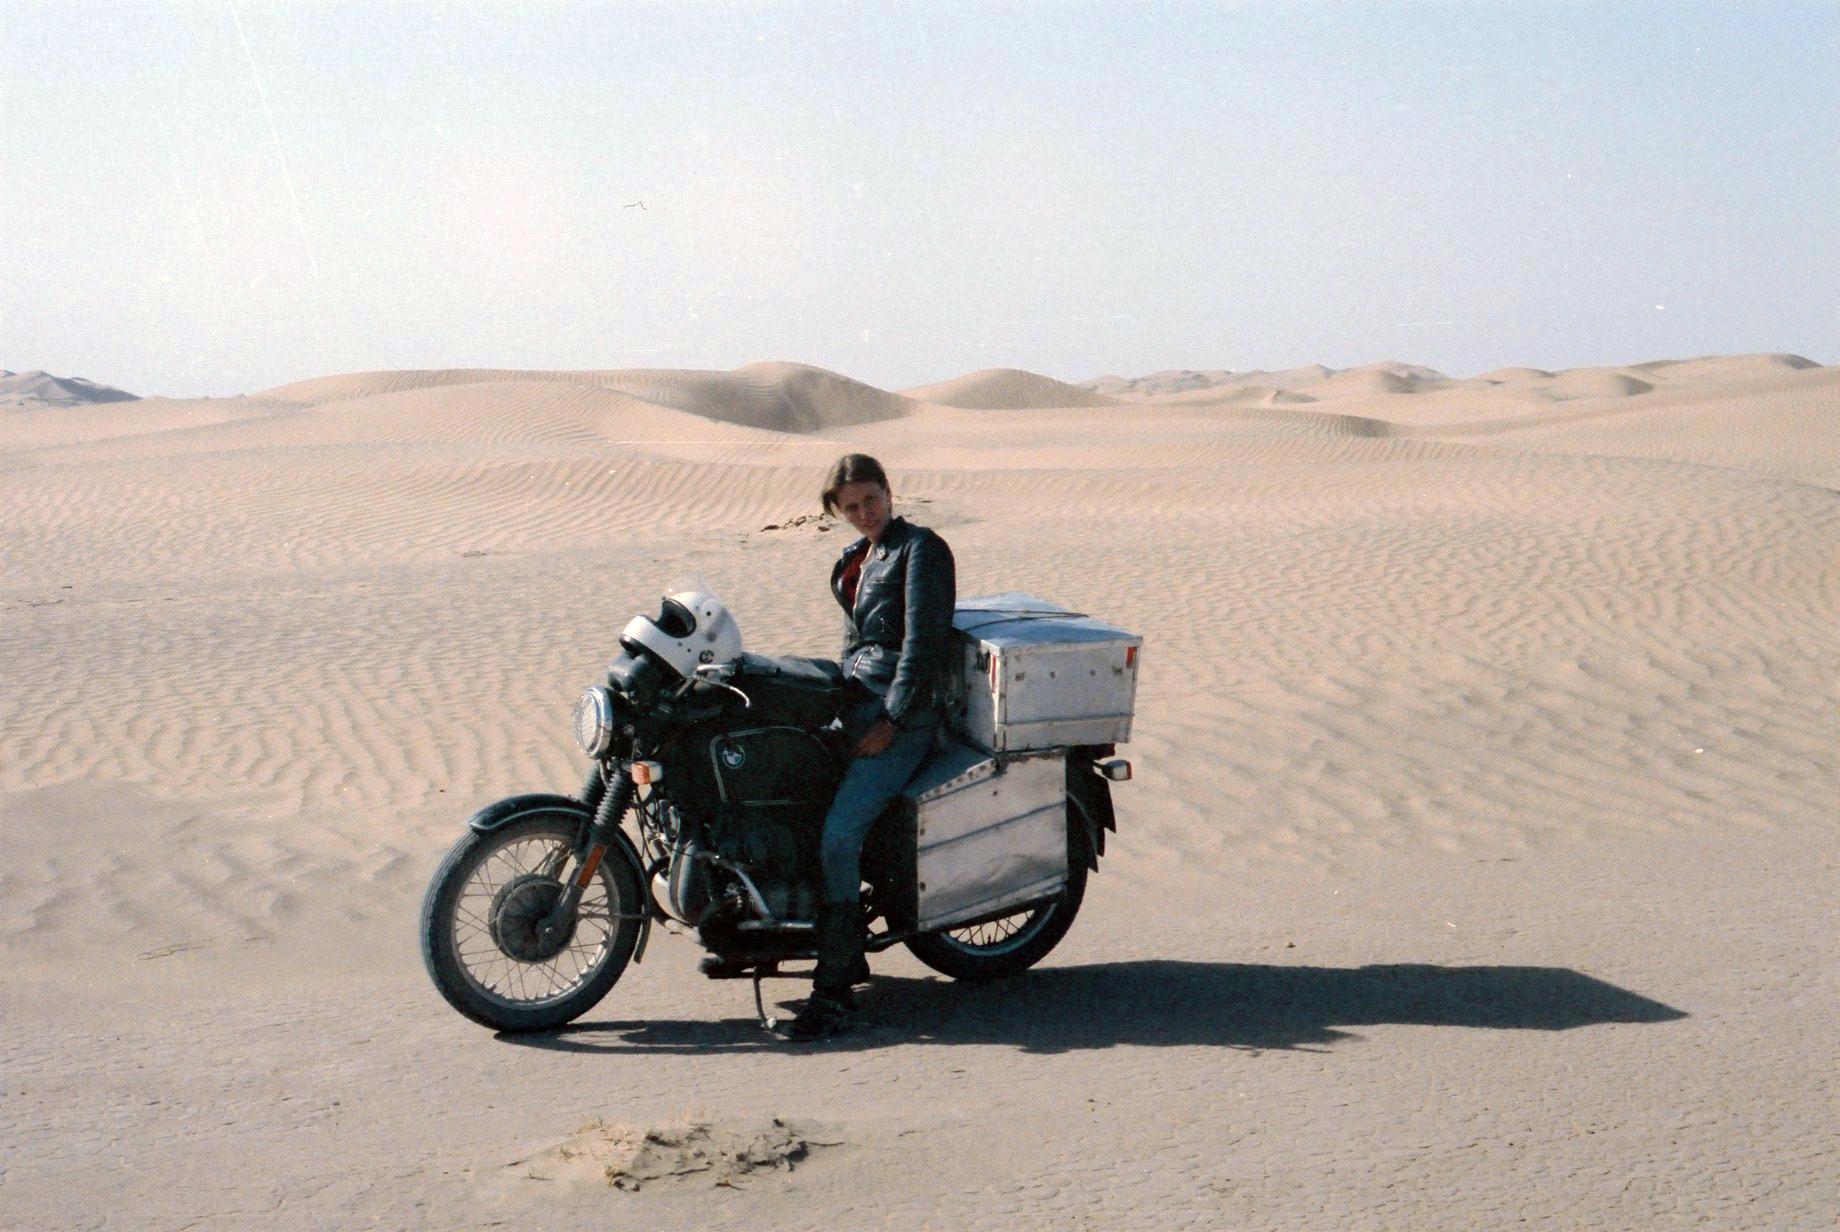 65. Baluchistan desert